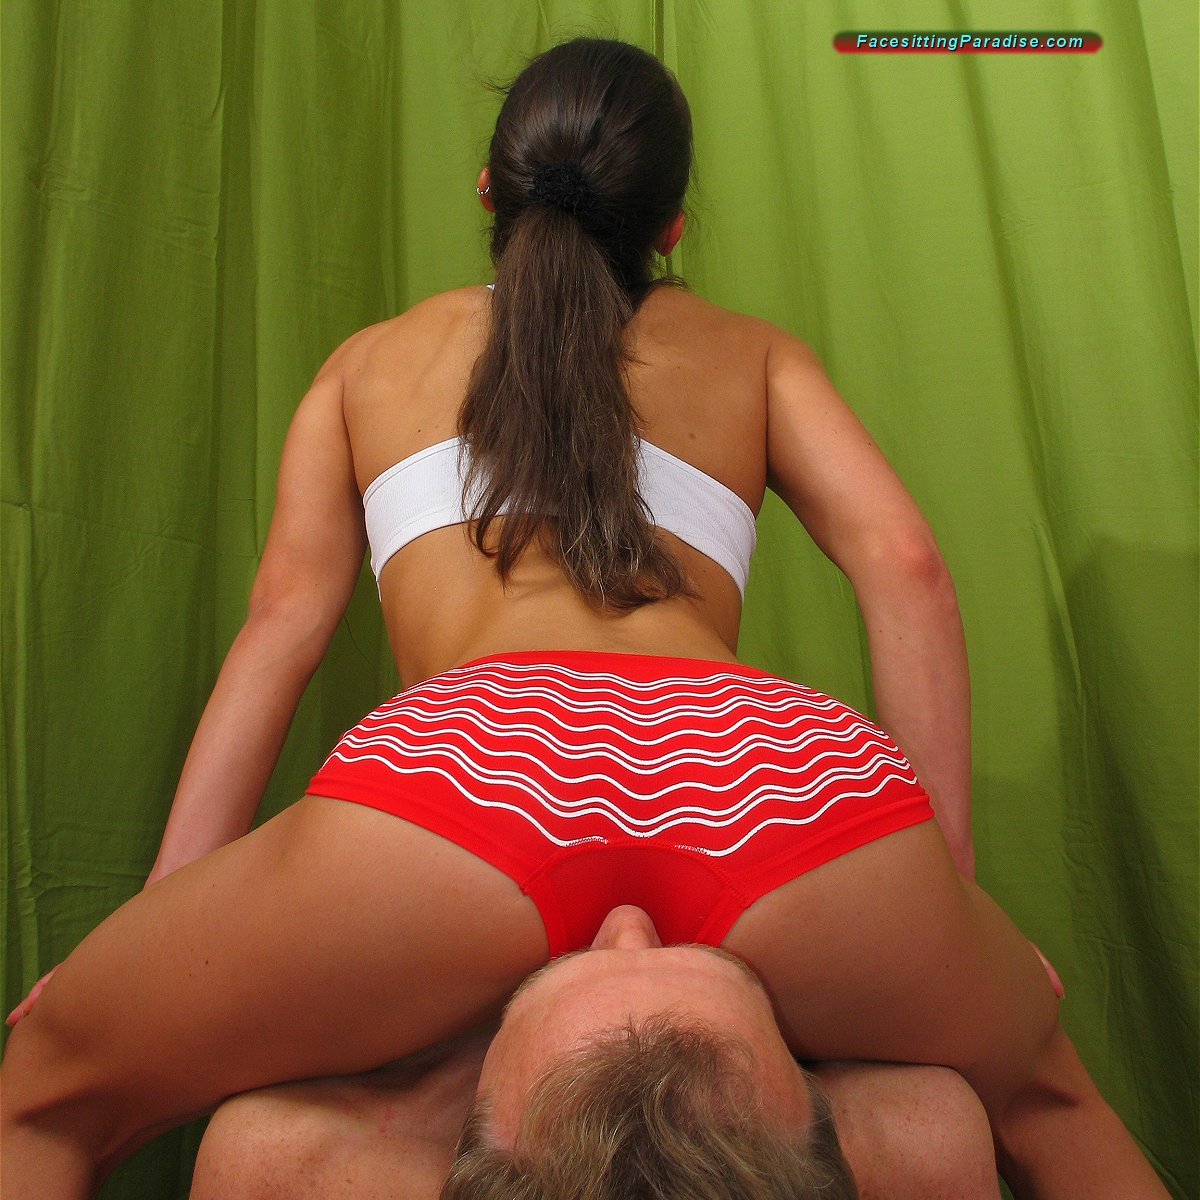 erotik anzeigen private hausfrauensex